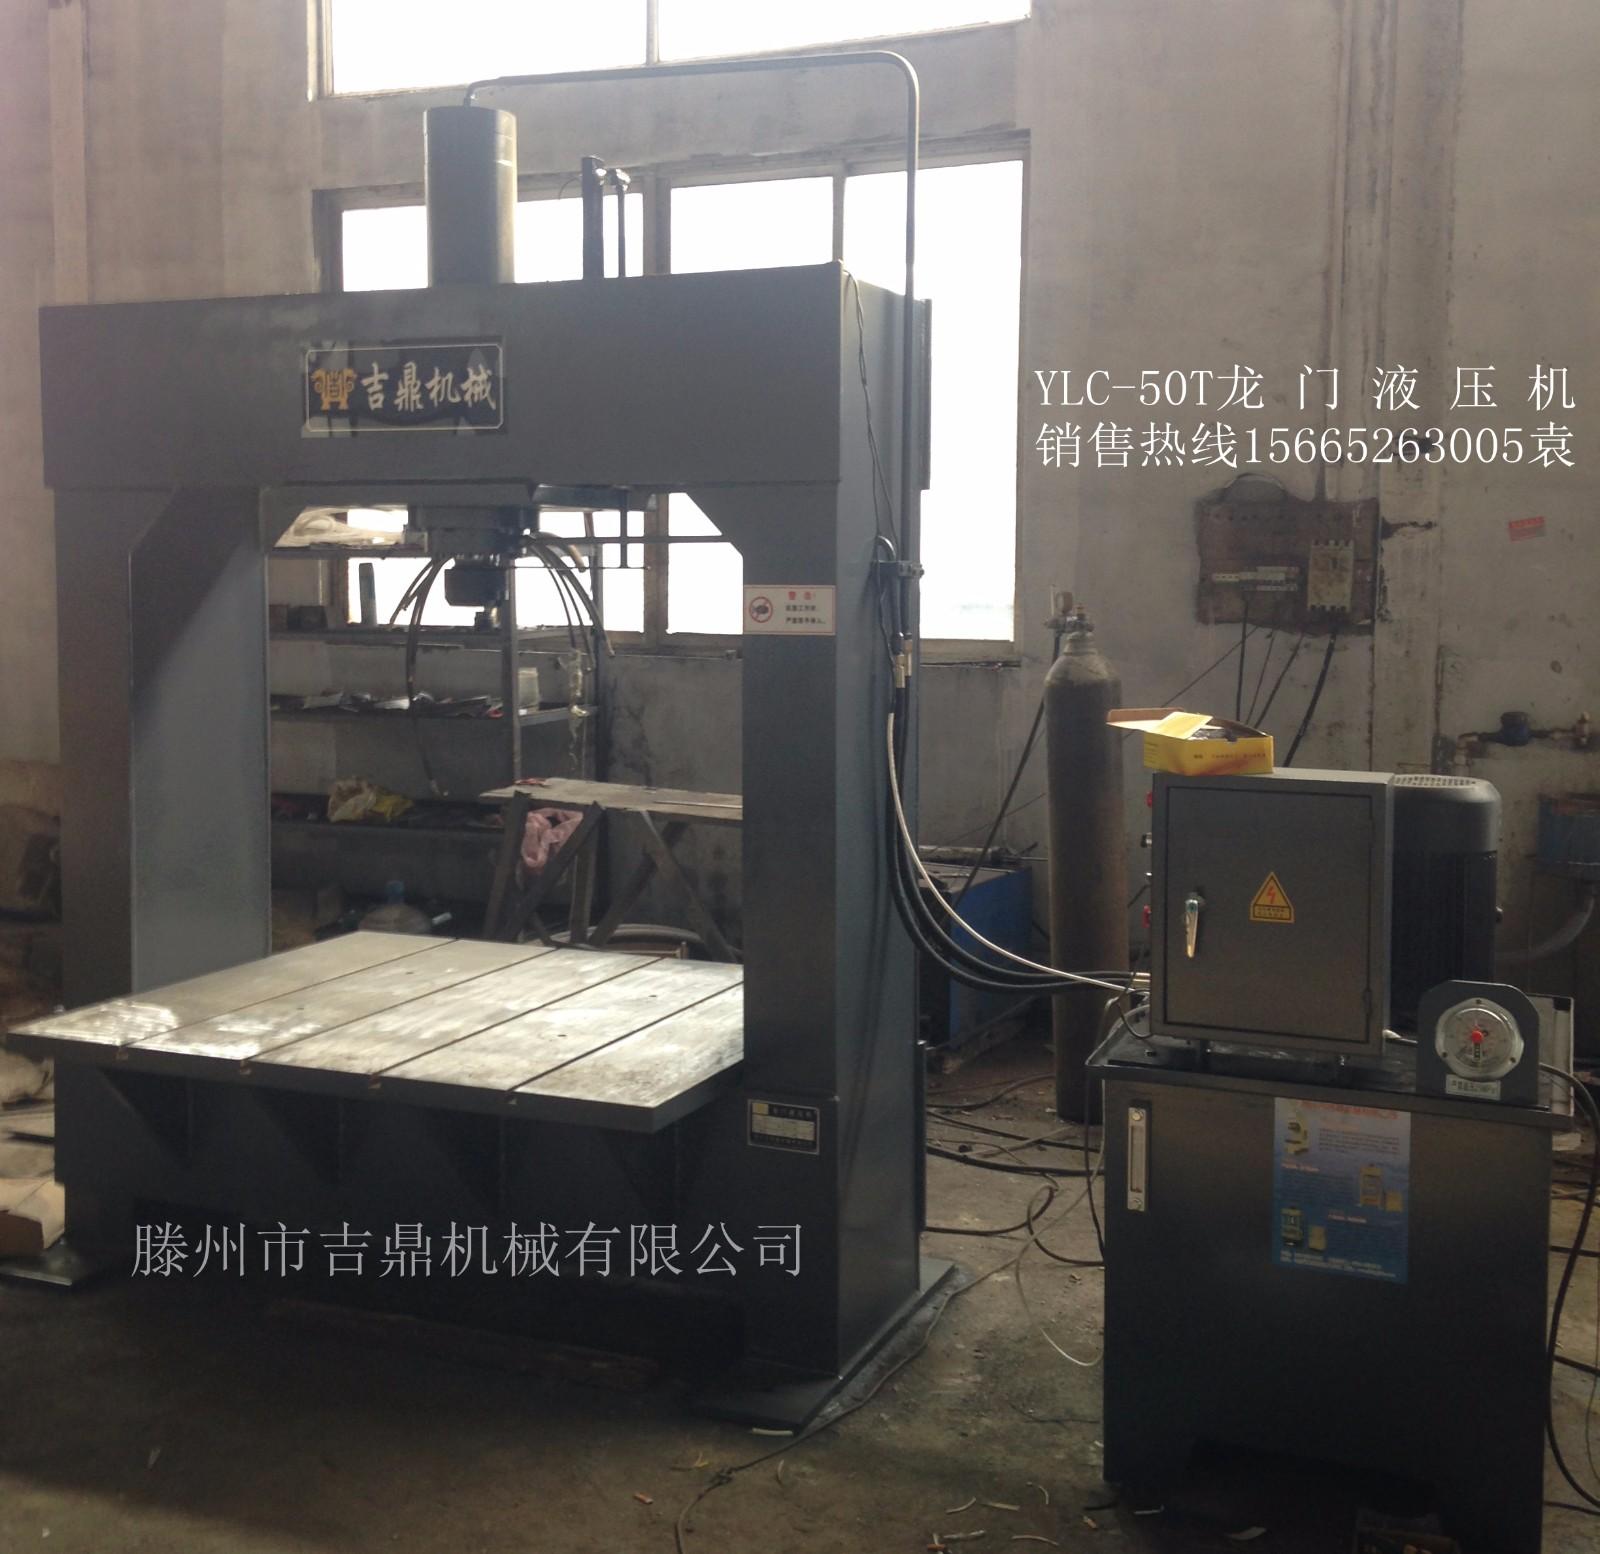 YLC-50T龙门液压机|龙门液压机-滕州吉鼎机械有限公司